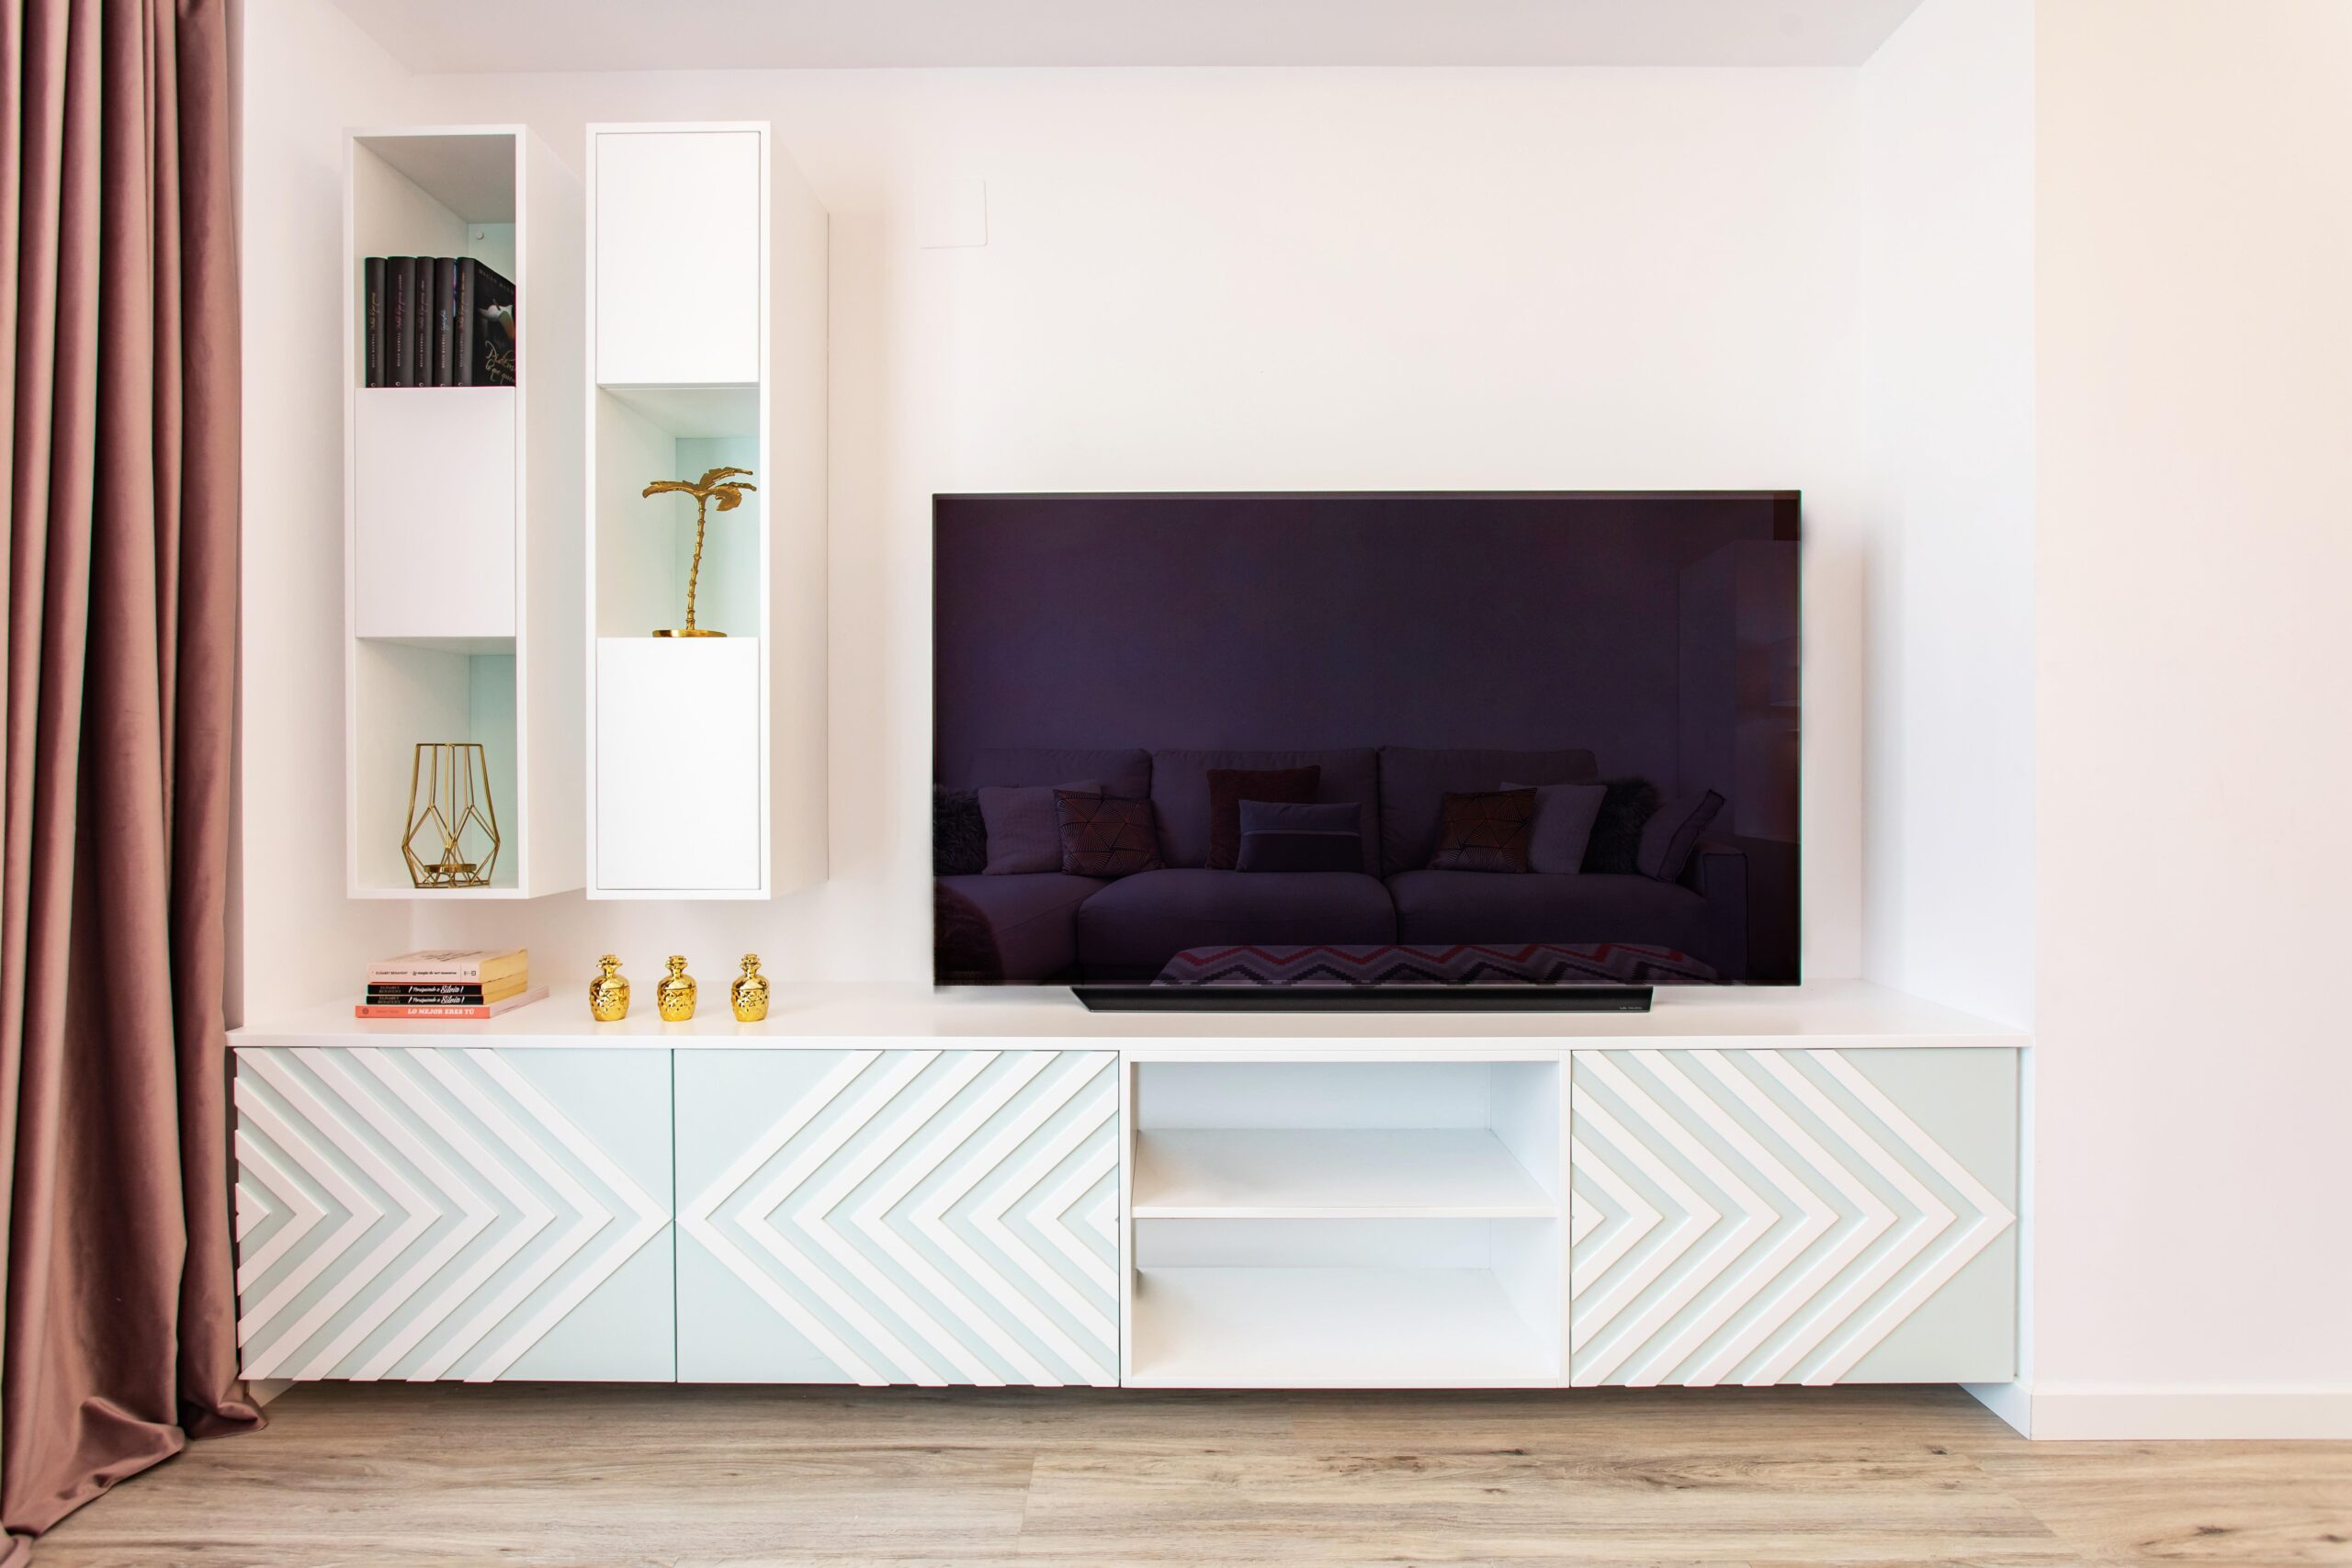 Mueble de televisión con diseño moderno y formas geométricas